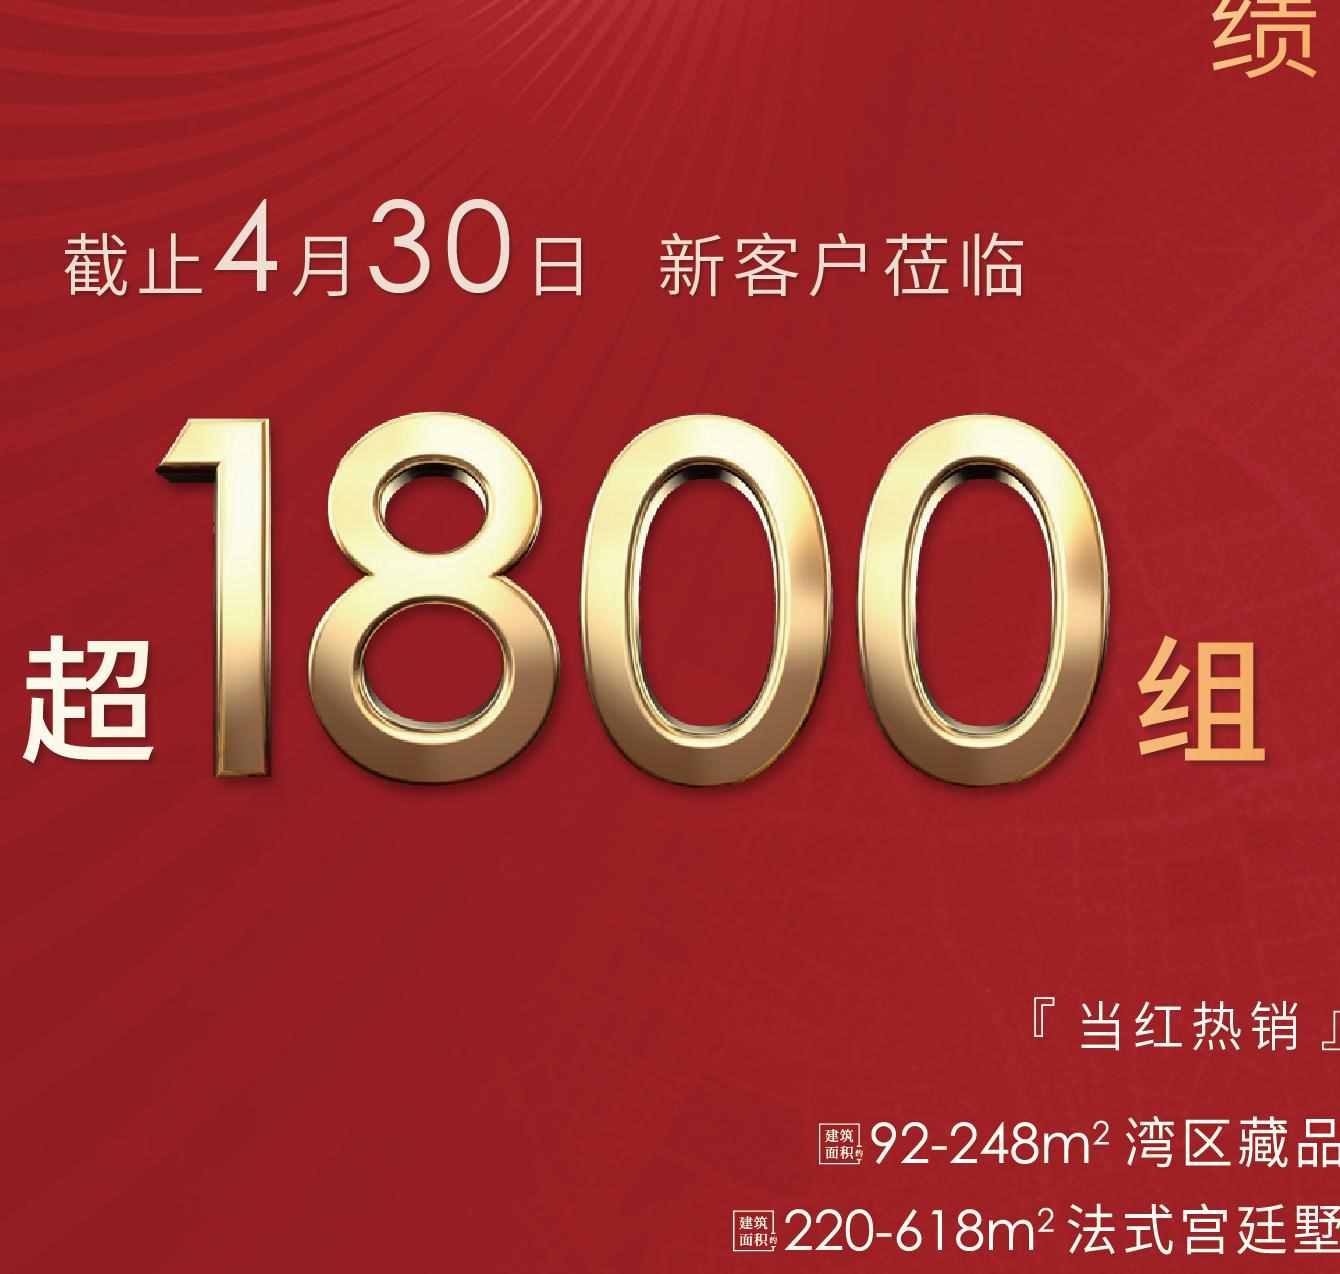 金昌白鹭金湾|截止4月30日 新客户莅临超1800组